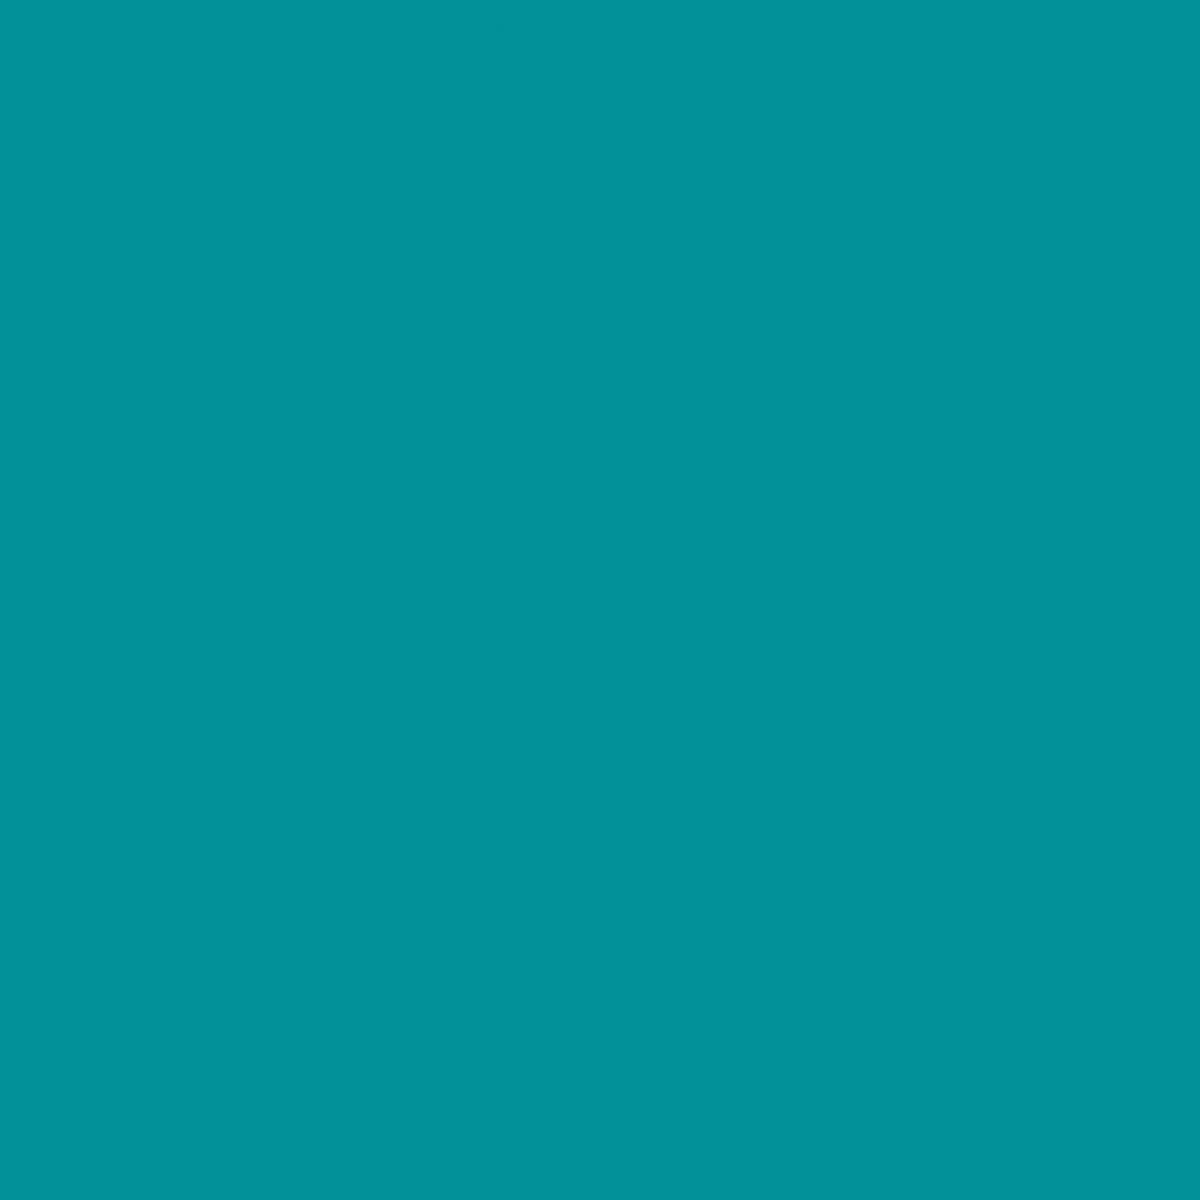 Laque Bleu Canard